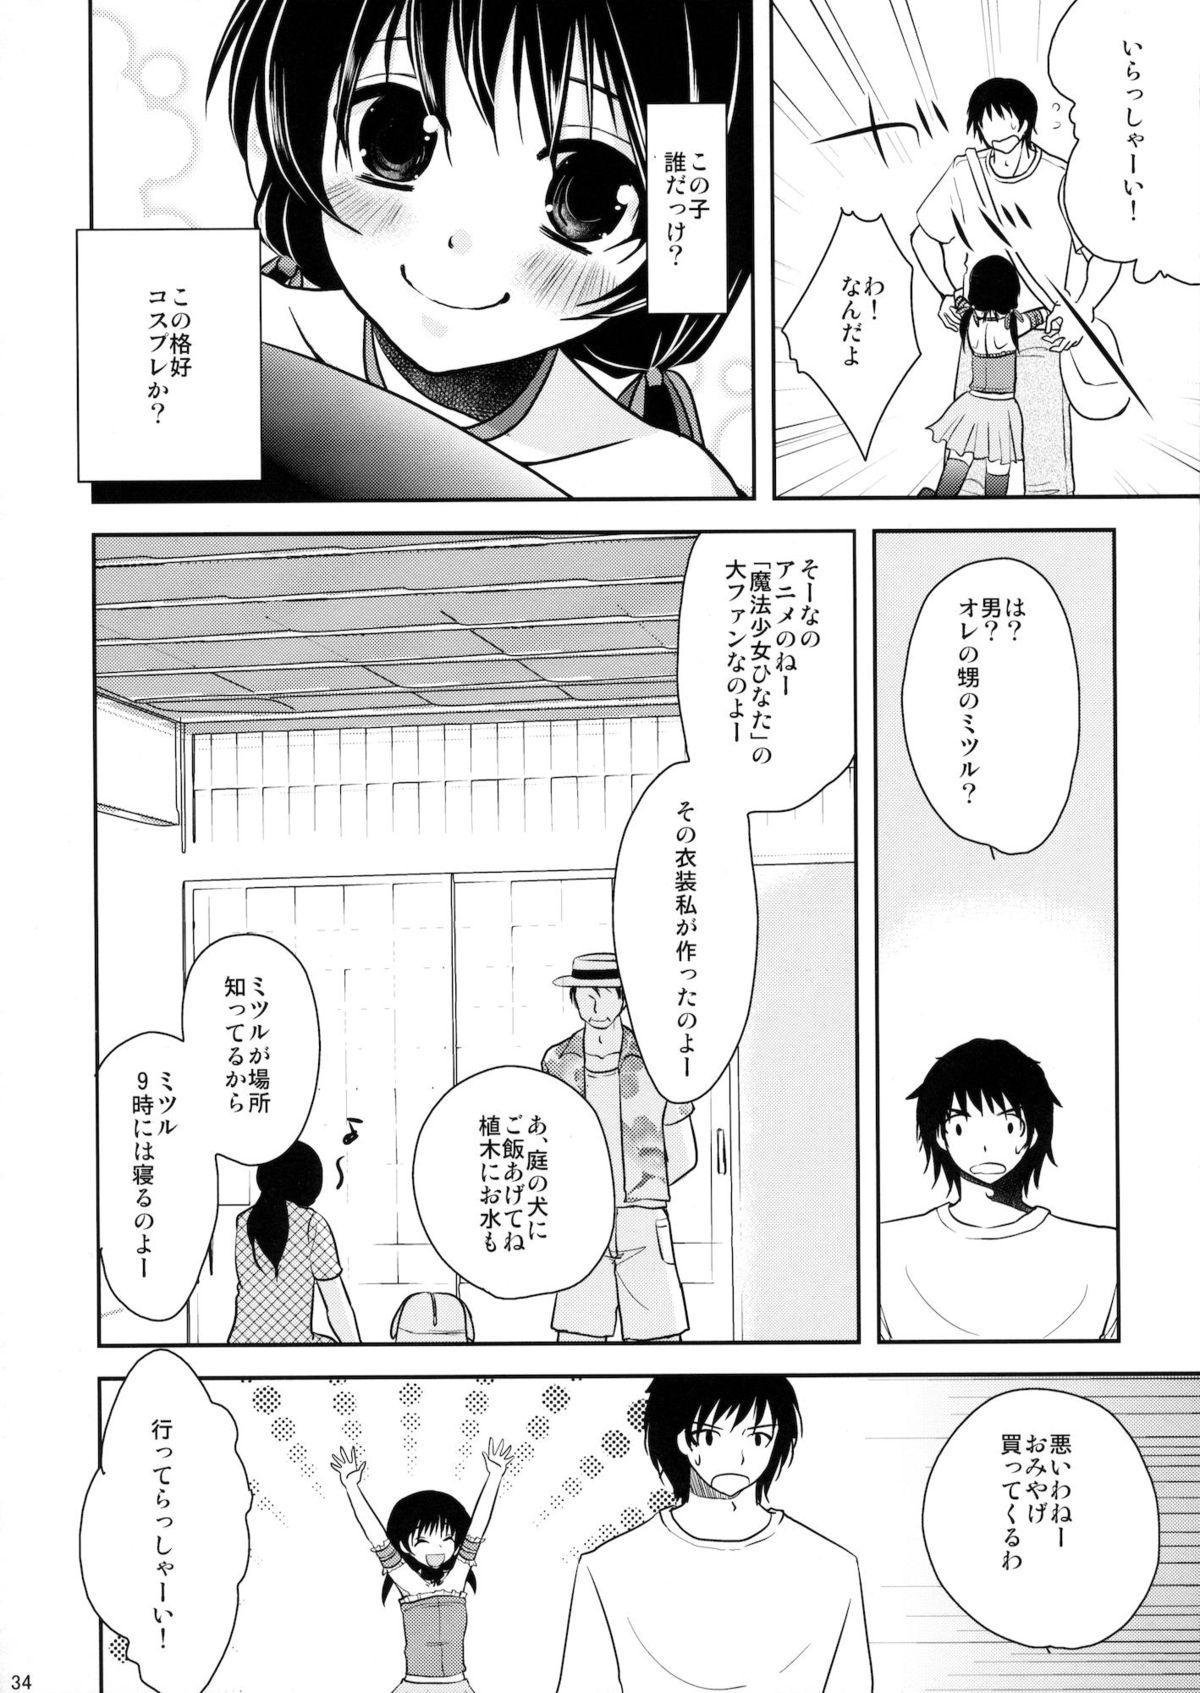 Mahou Shoujo-kei Shounen Soushuuhen + Papa wa Josou Shita Boku ga Suki Mitai 32